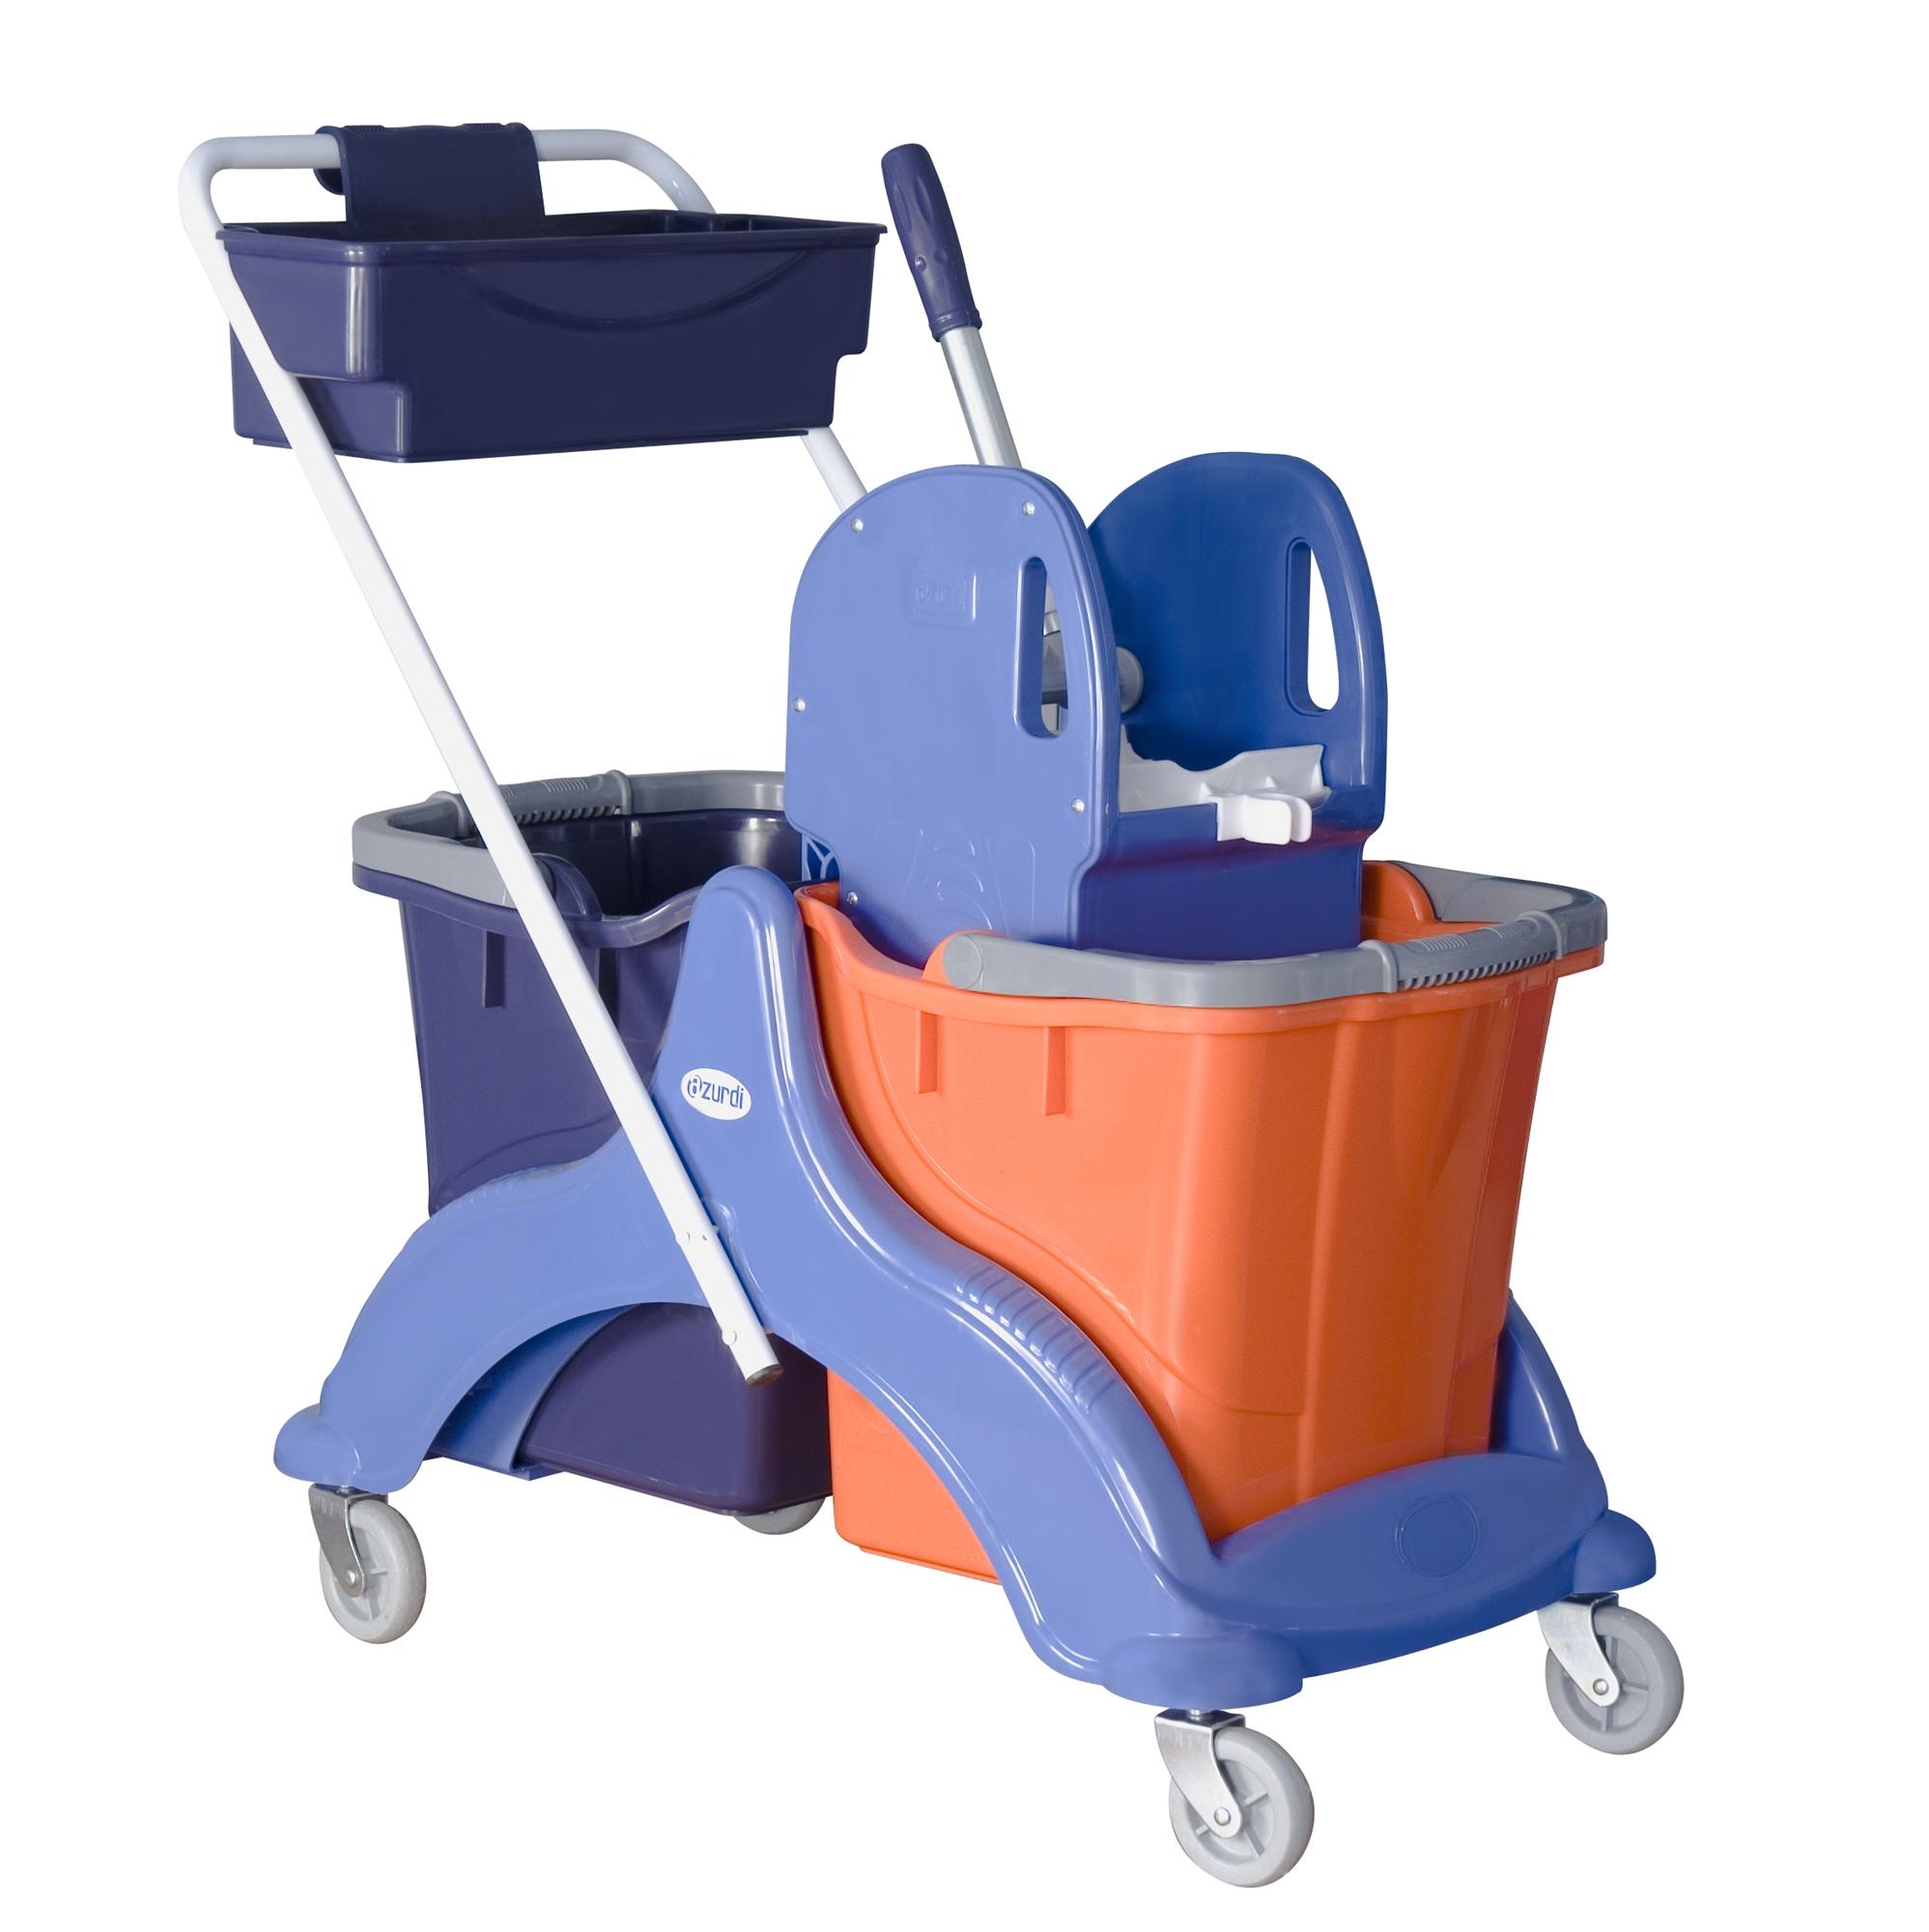 chariot de menage lavage 2x25 l avec presse machoire. Black Bedroom Furniture Sets. Home Design Ideas